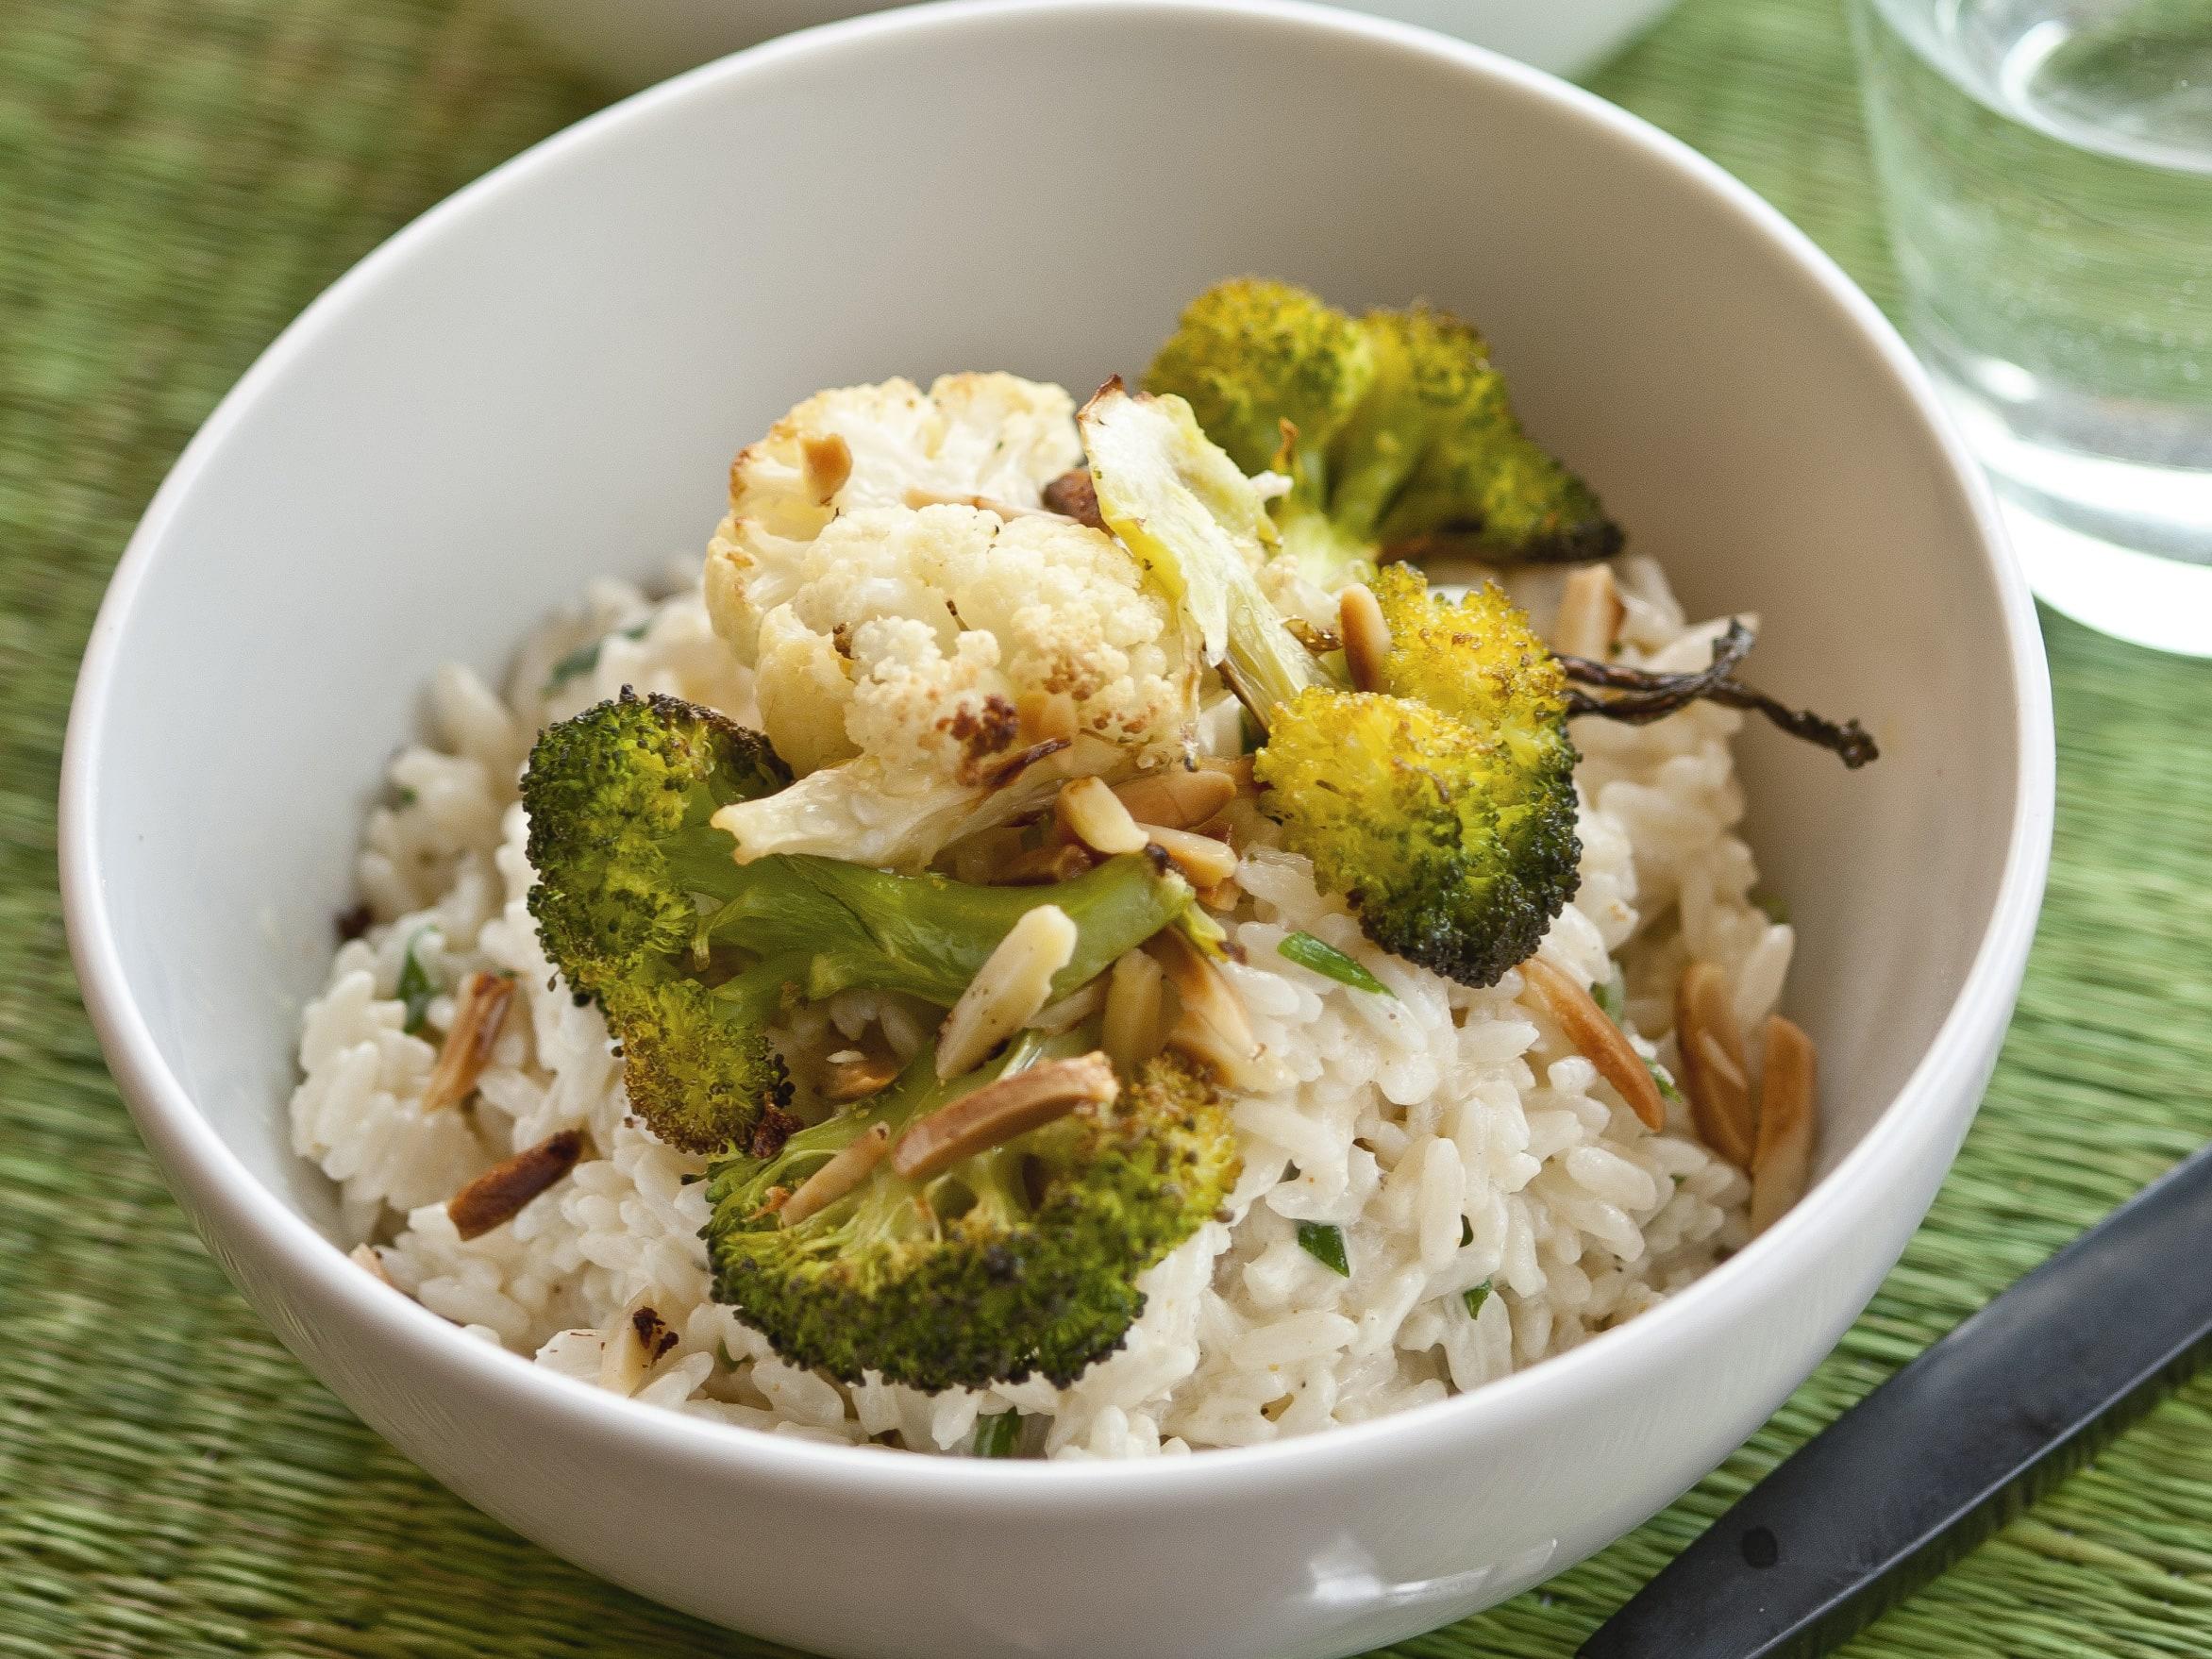 Salade de riz aux légumes grillés